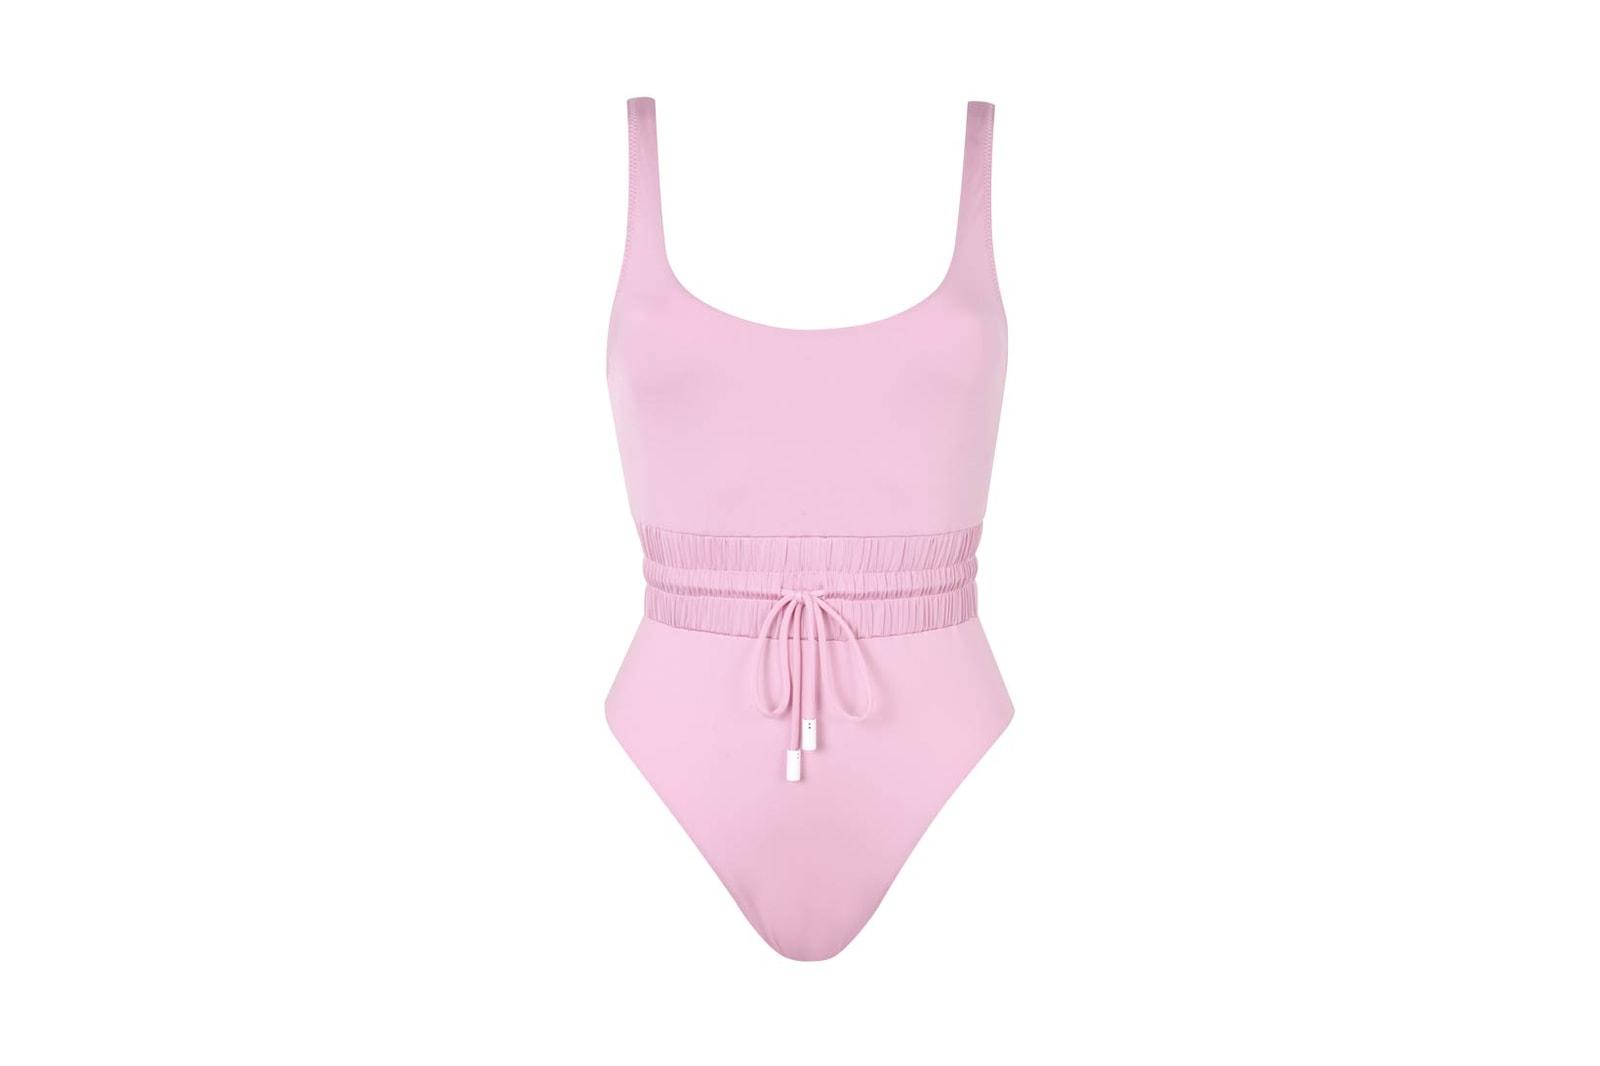 Les Girls Les Boys Swimwear Lookbook